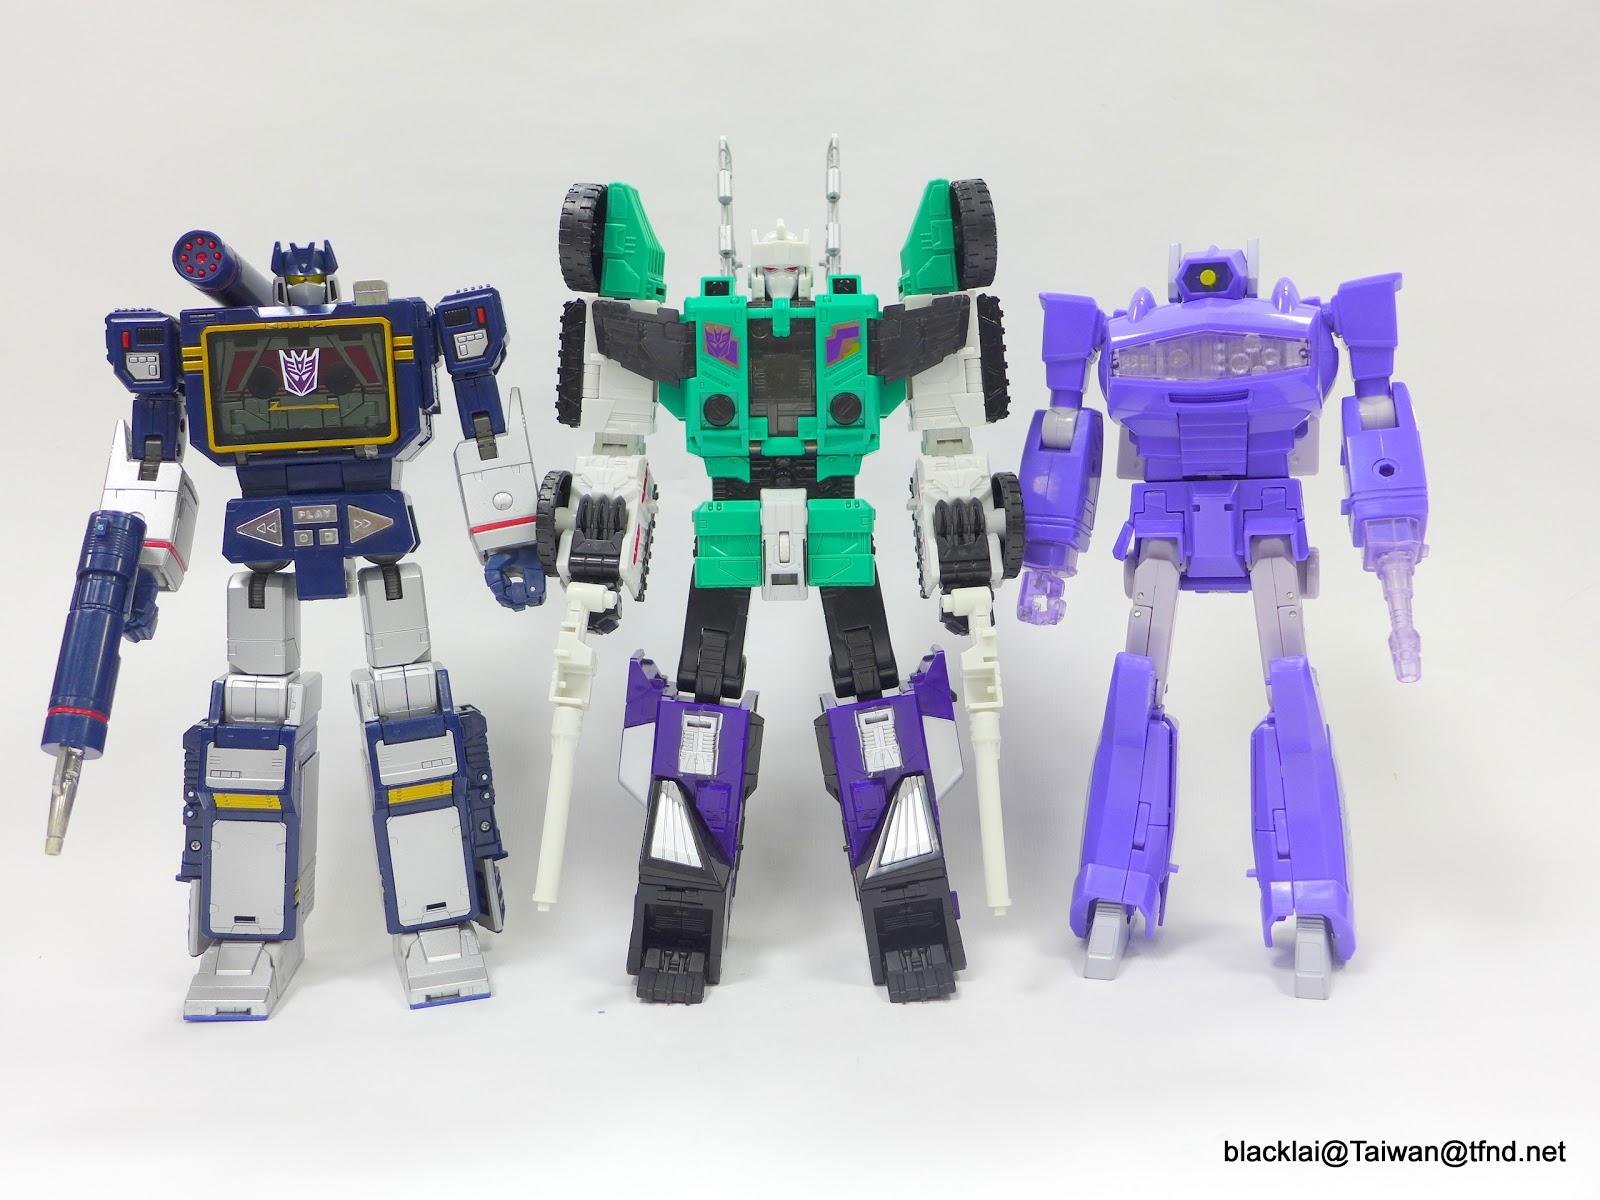 Jouets Transformers Generations: Nouveautés Hasbro - partie 2 - Page 40 P1510034